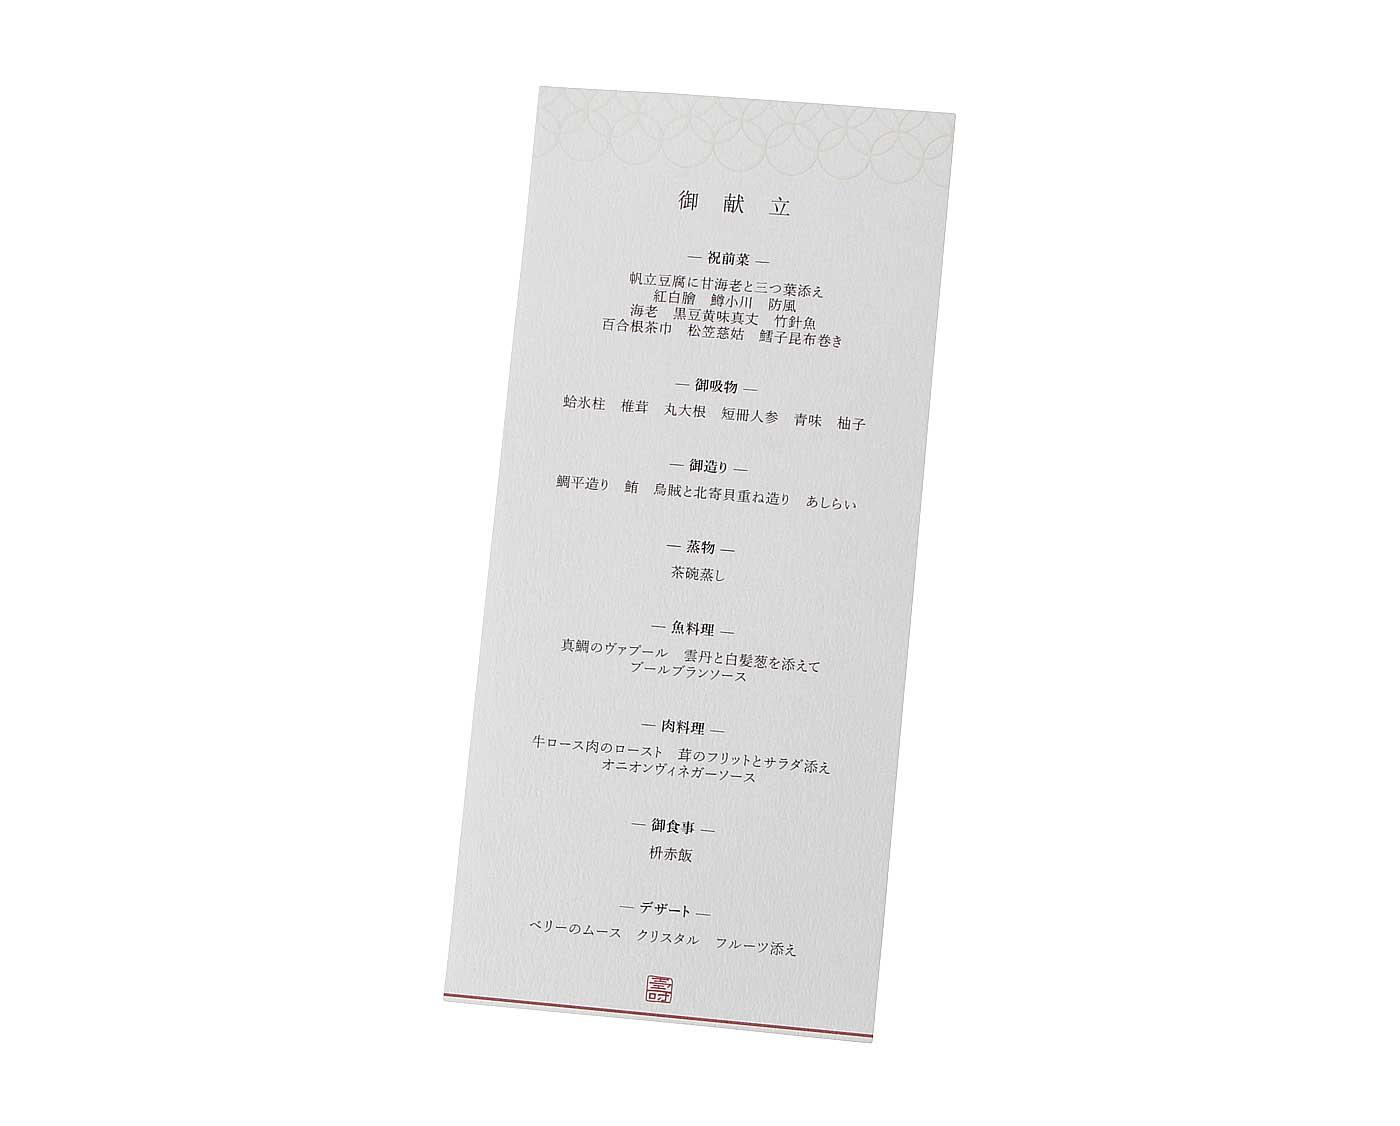 メニュー表 優婉(ゆうえん)